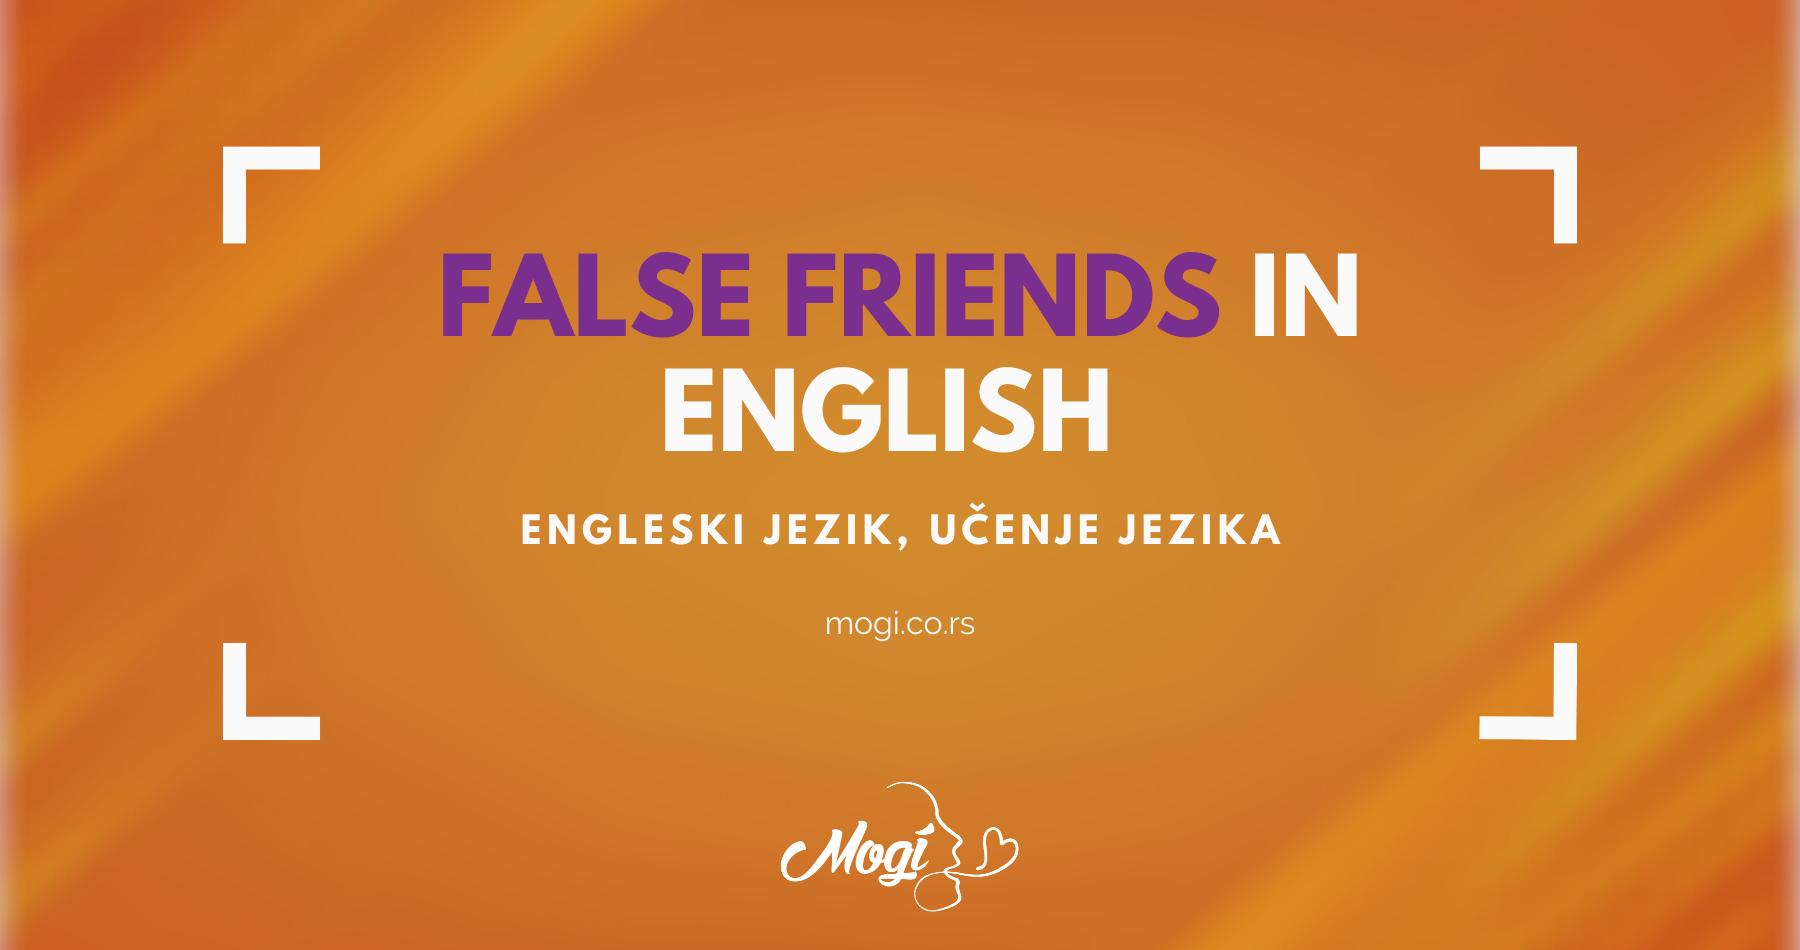 Lažni prijatelji